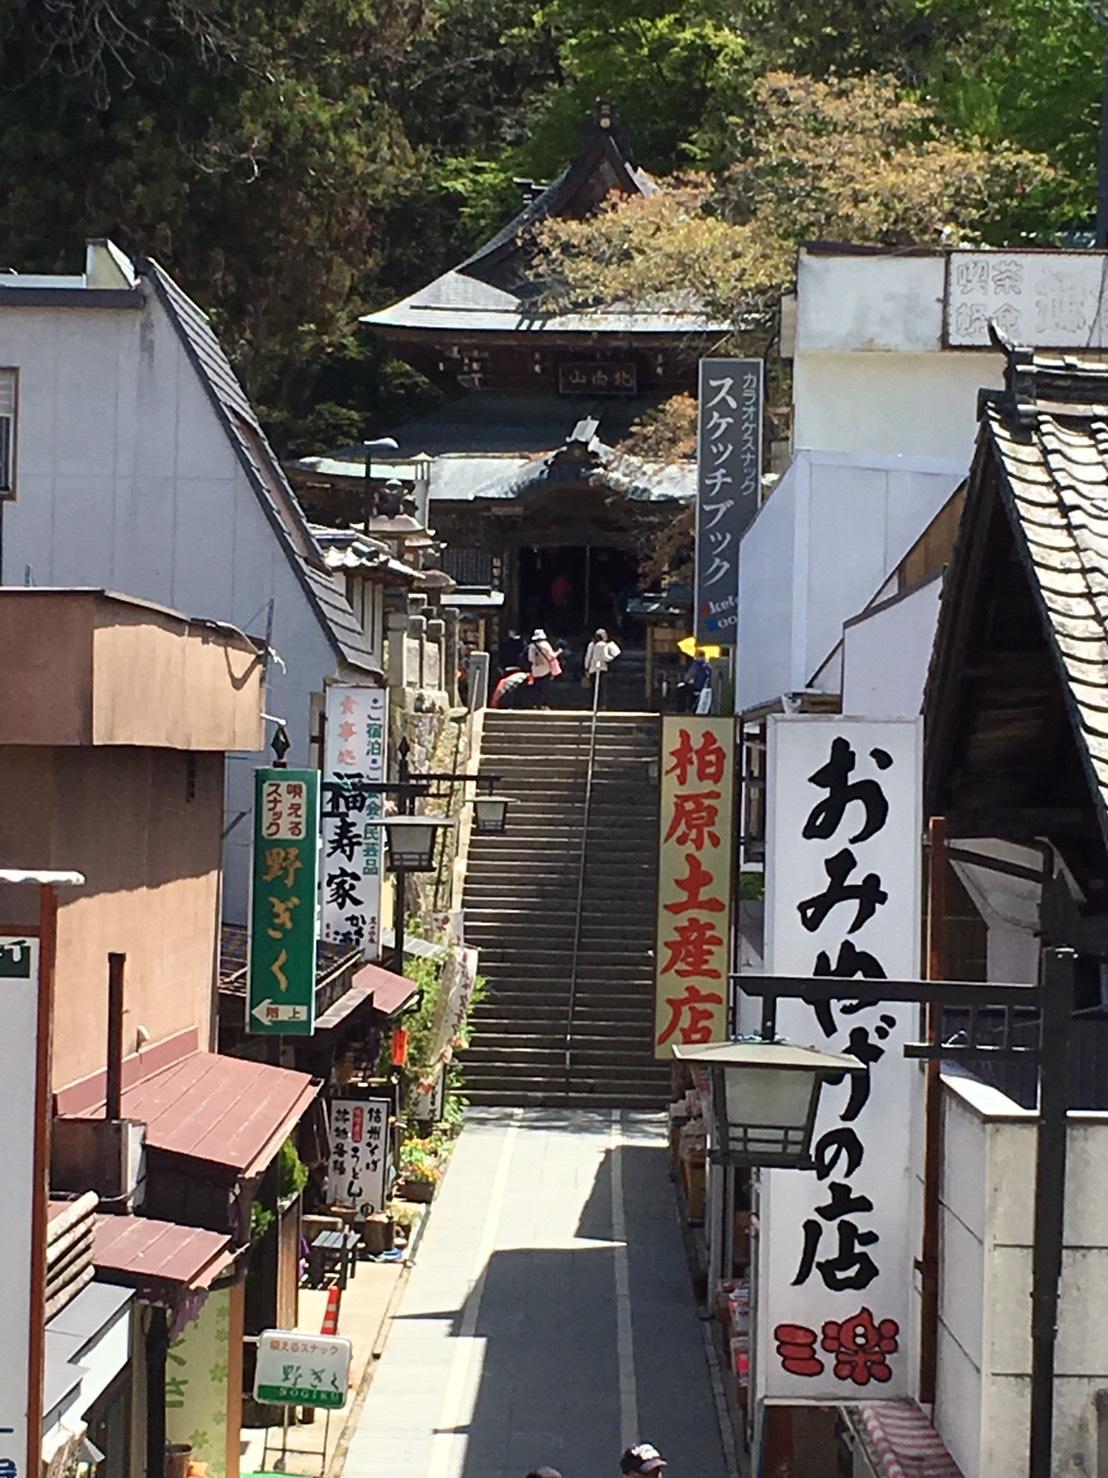 上田市の北向観音に行きました~